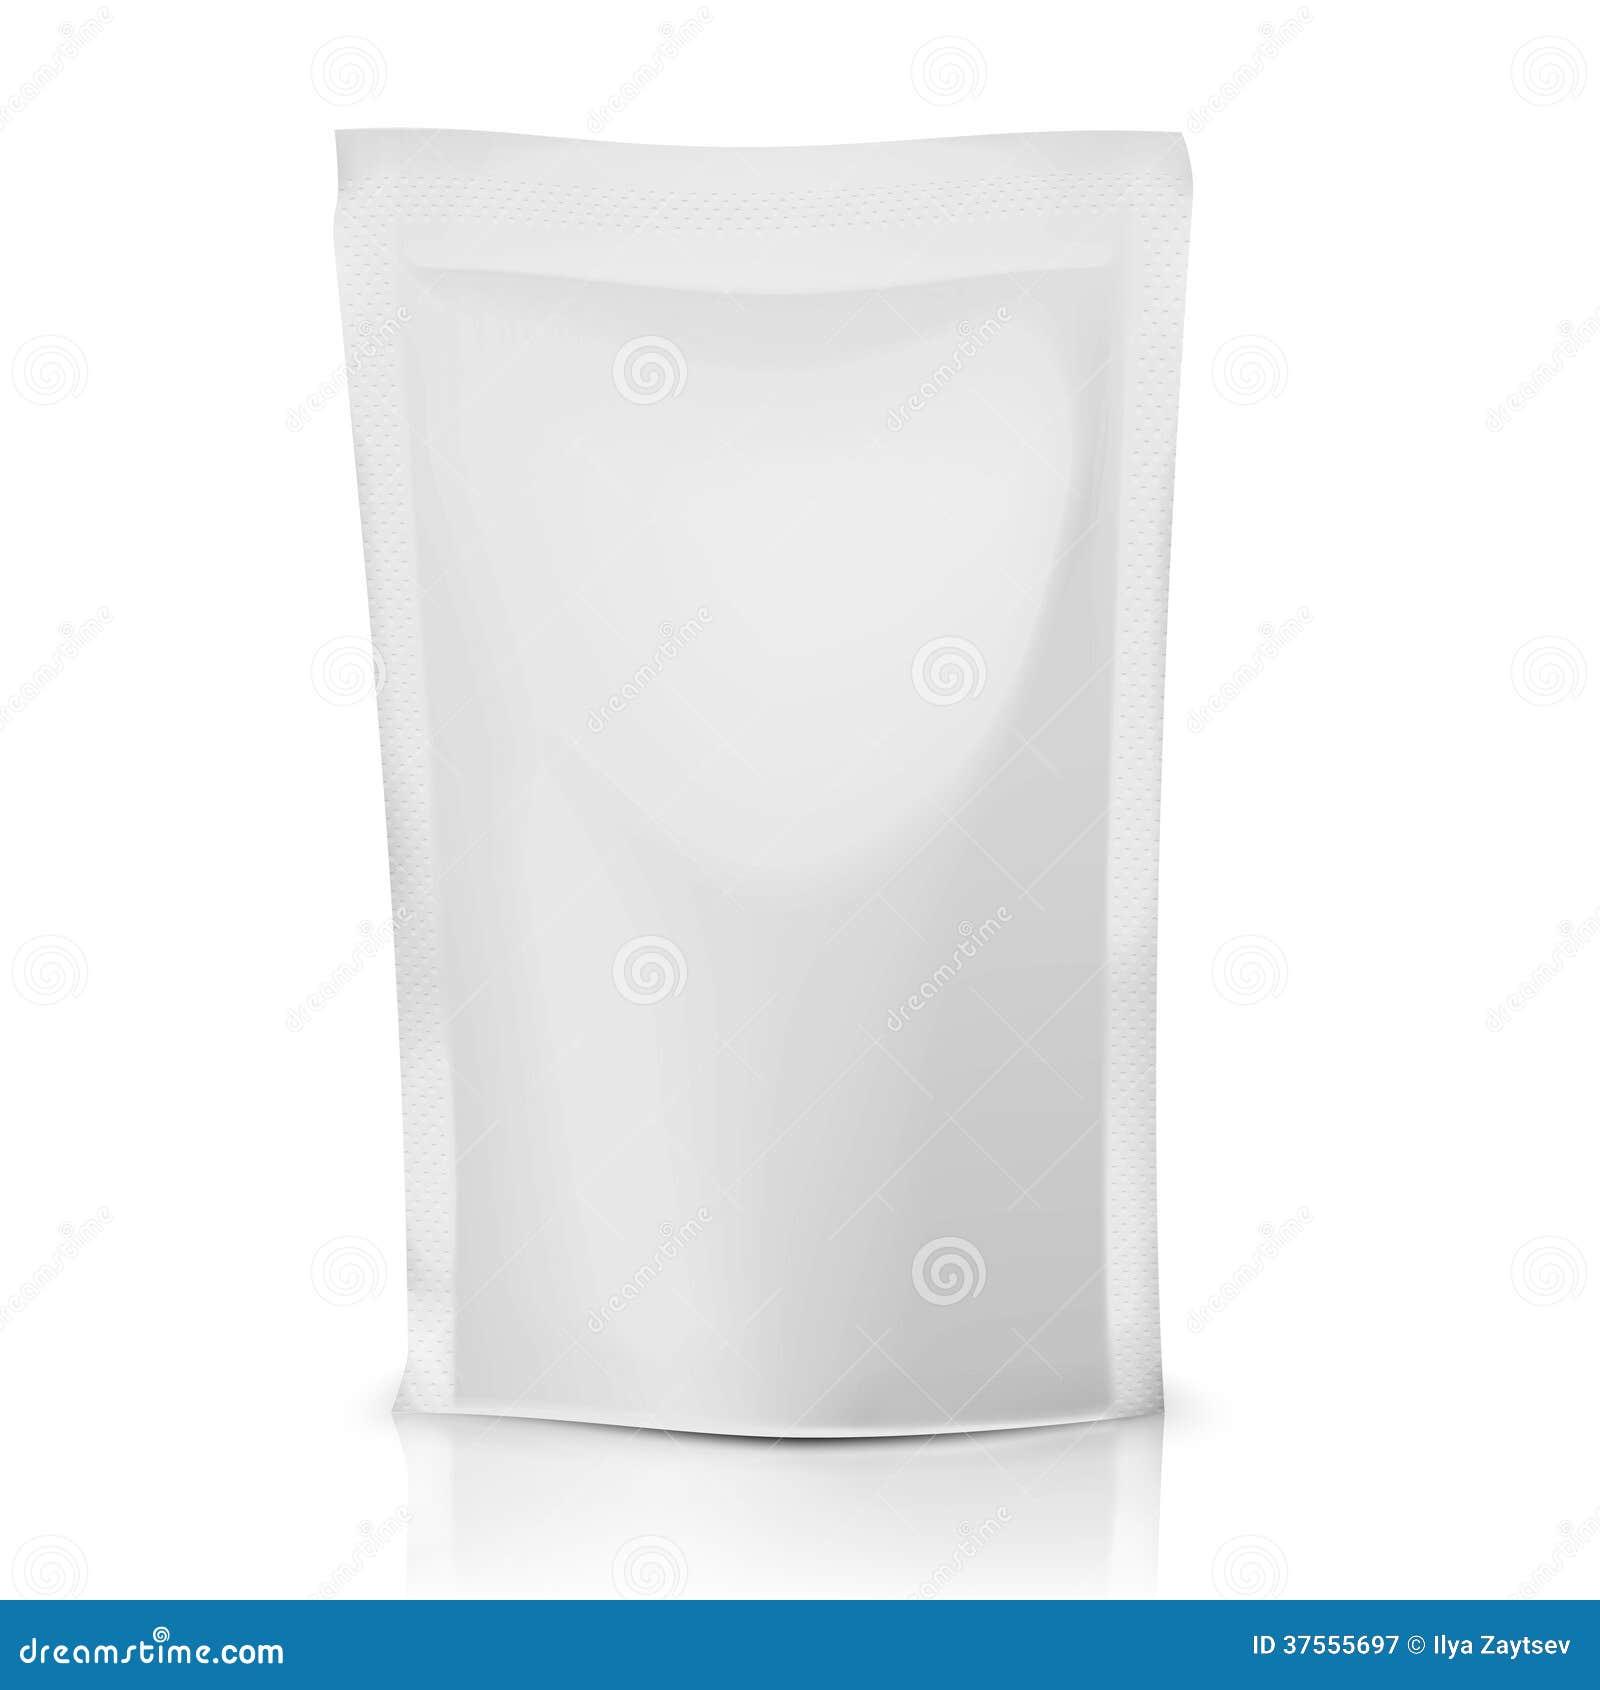 blank polythene bag package stock vector illustration of sachet sauce 37555697. Black Bedroom Furniture Sets. Home Design Ideas